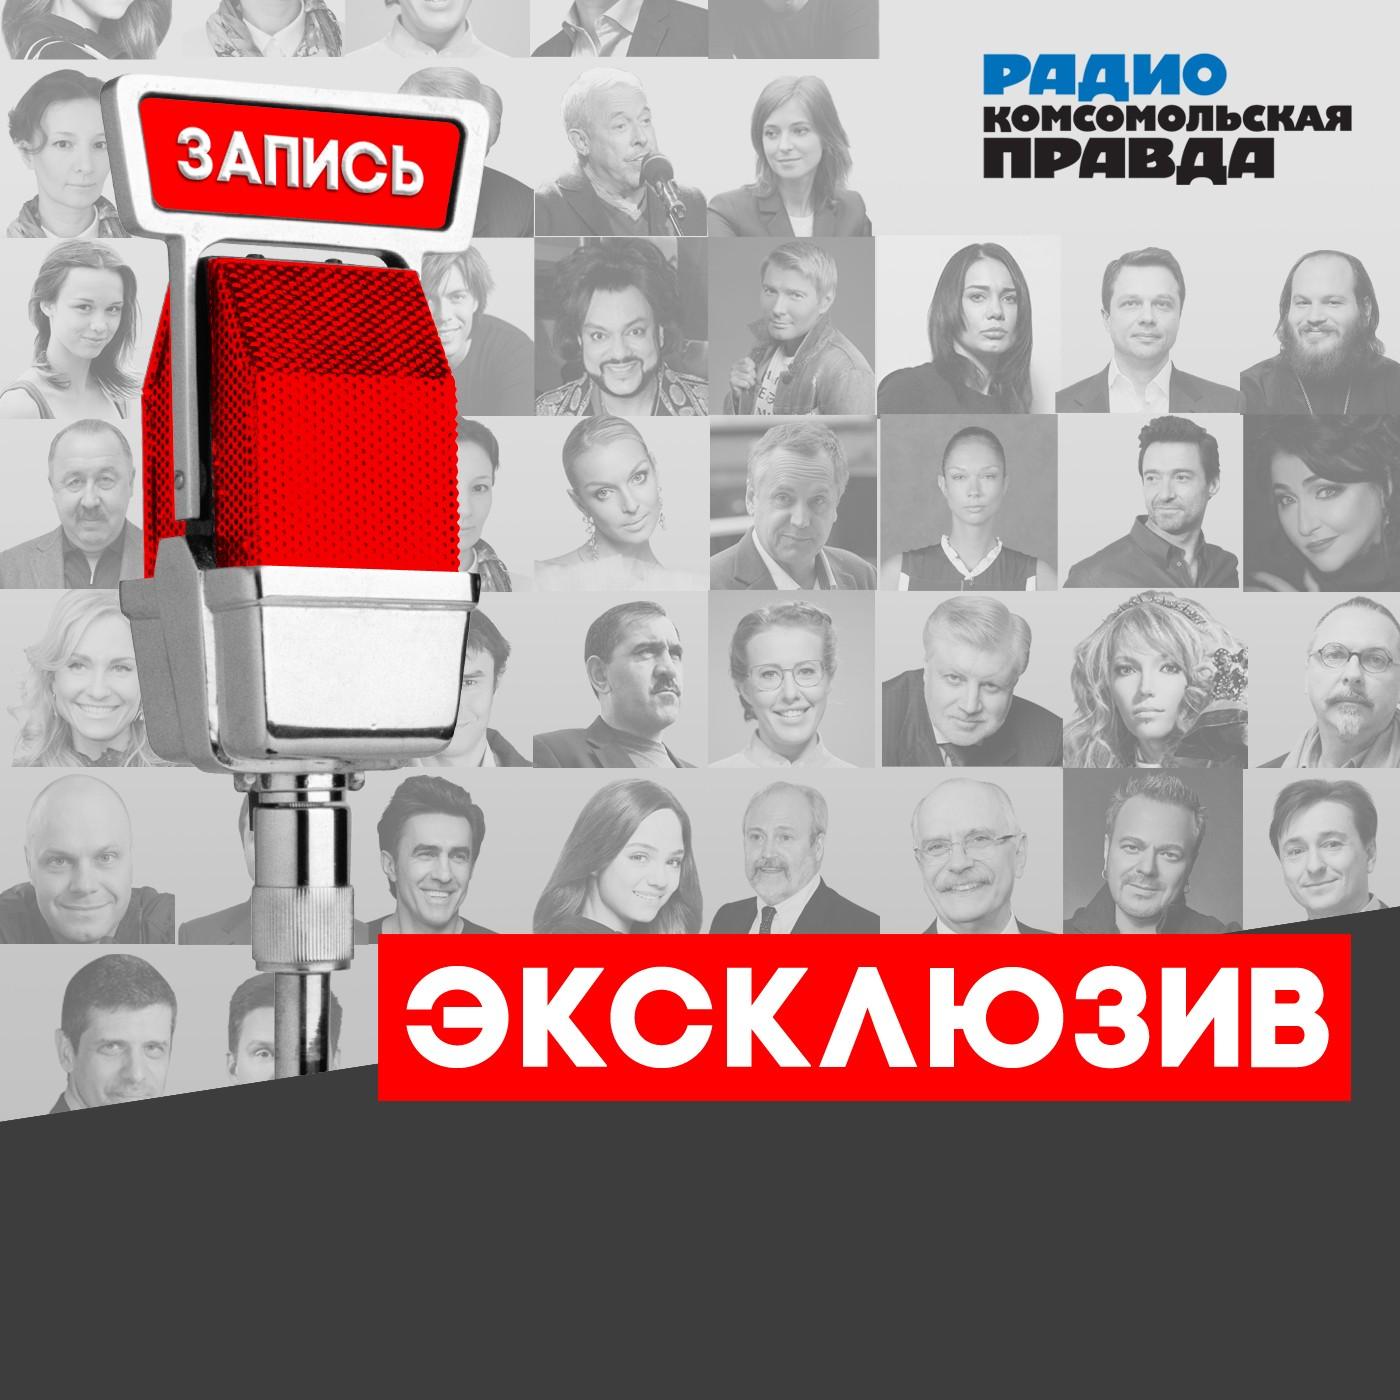 Радио «Комсомольская правда» Почему Макаревич не готов оплачивать выпускной своей дочери